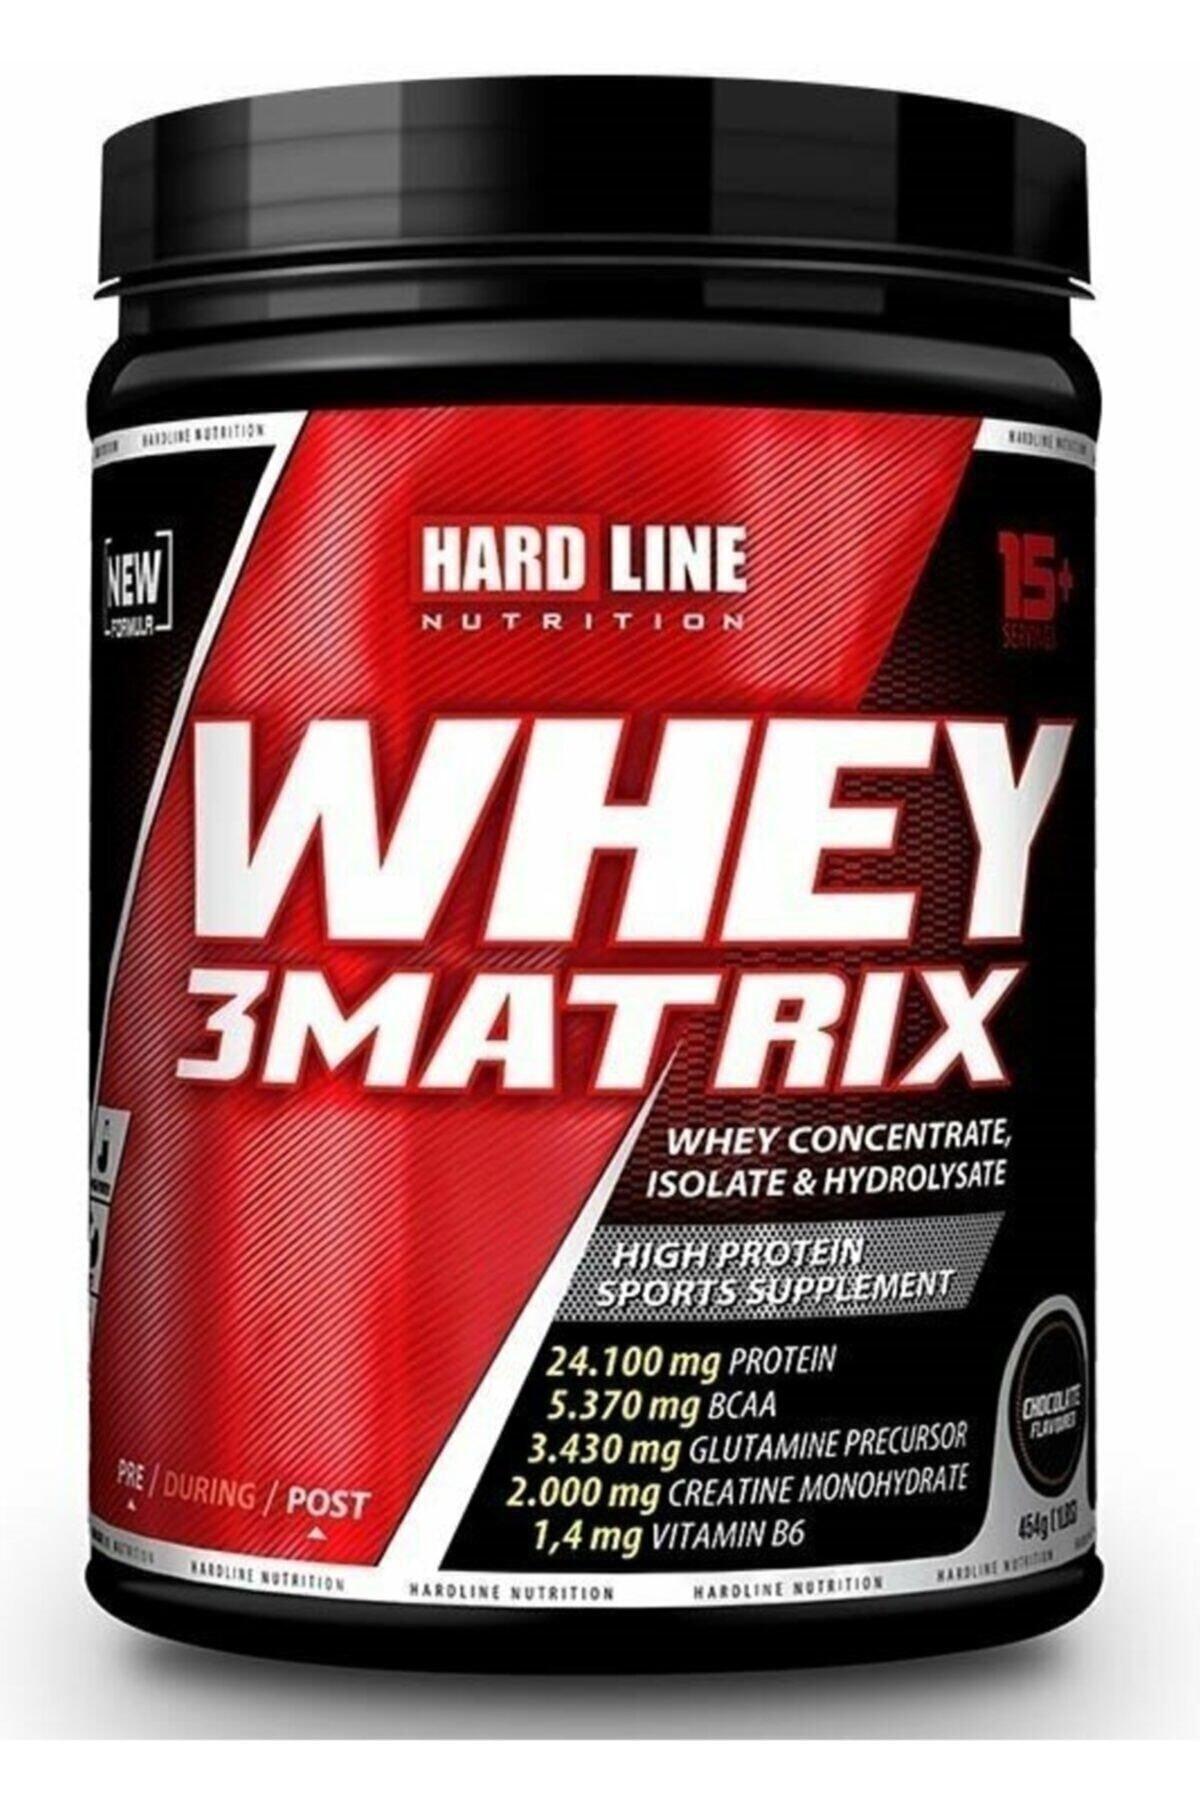 Hardline Whey 3 Matrix 454 gr - Çikolata Aromalı 1